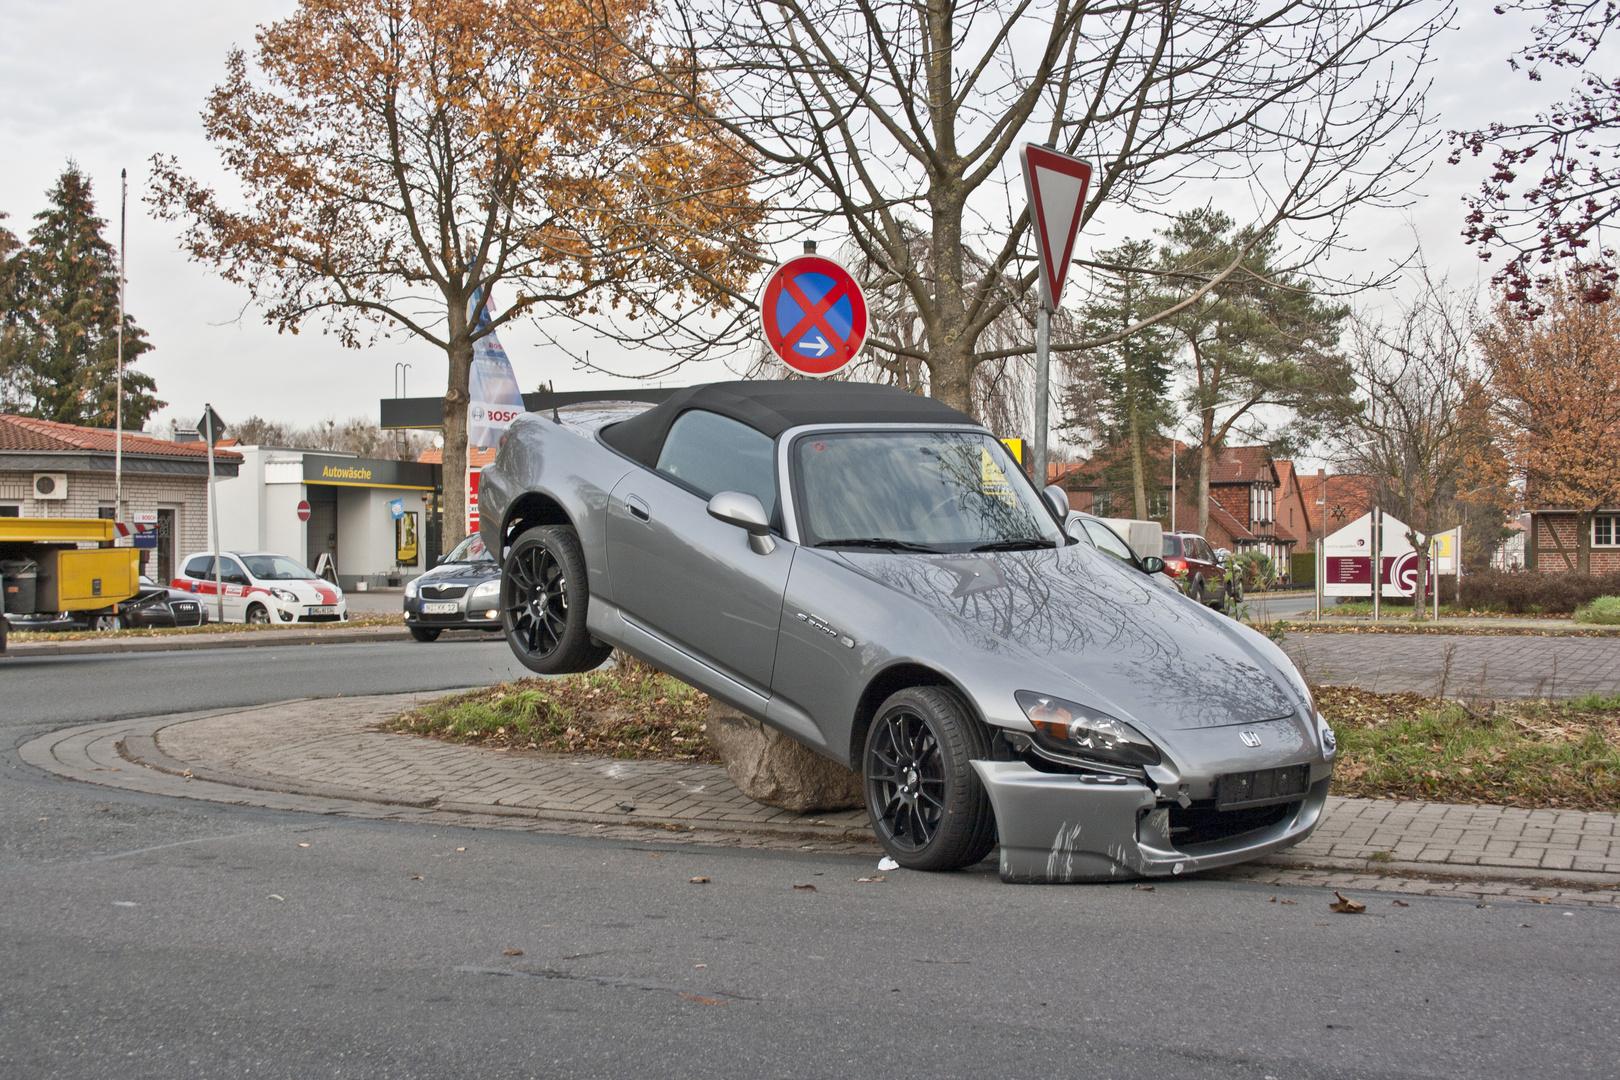 Parken im absoluten Halteverbot, das wird teuer.